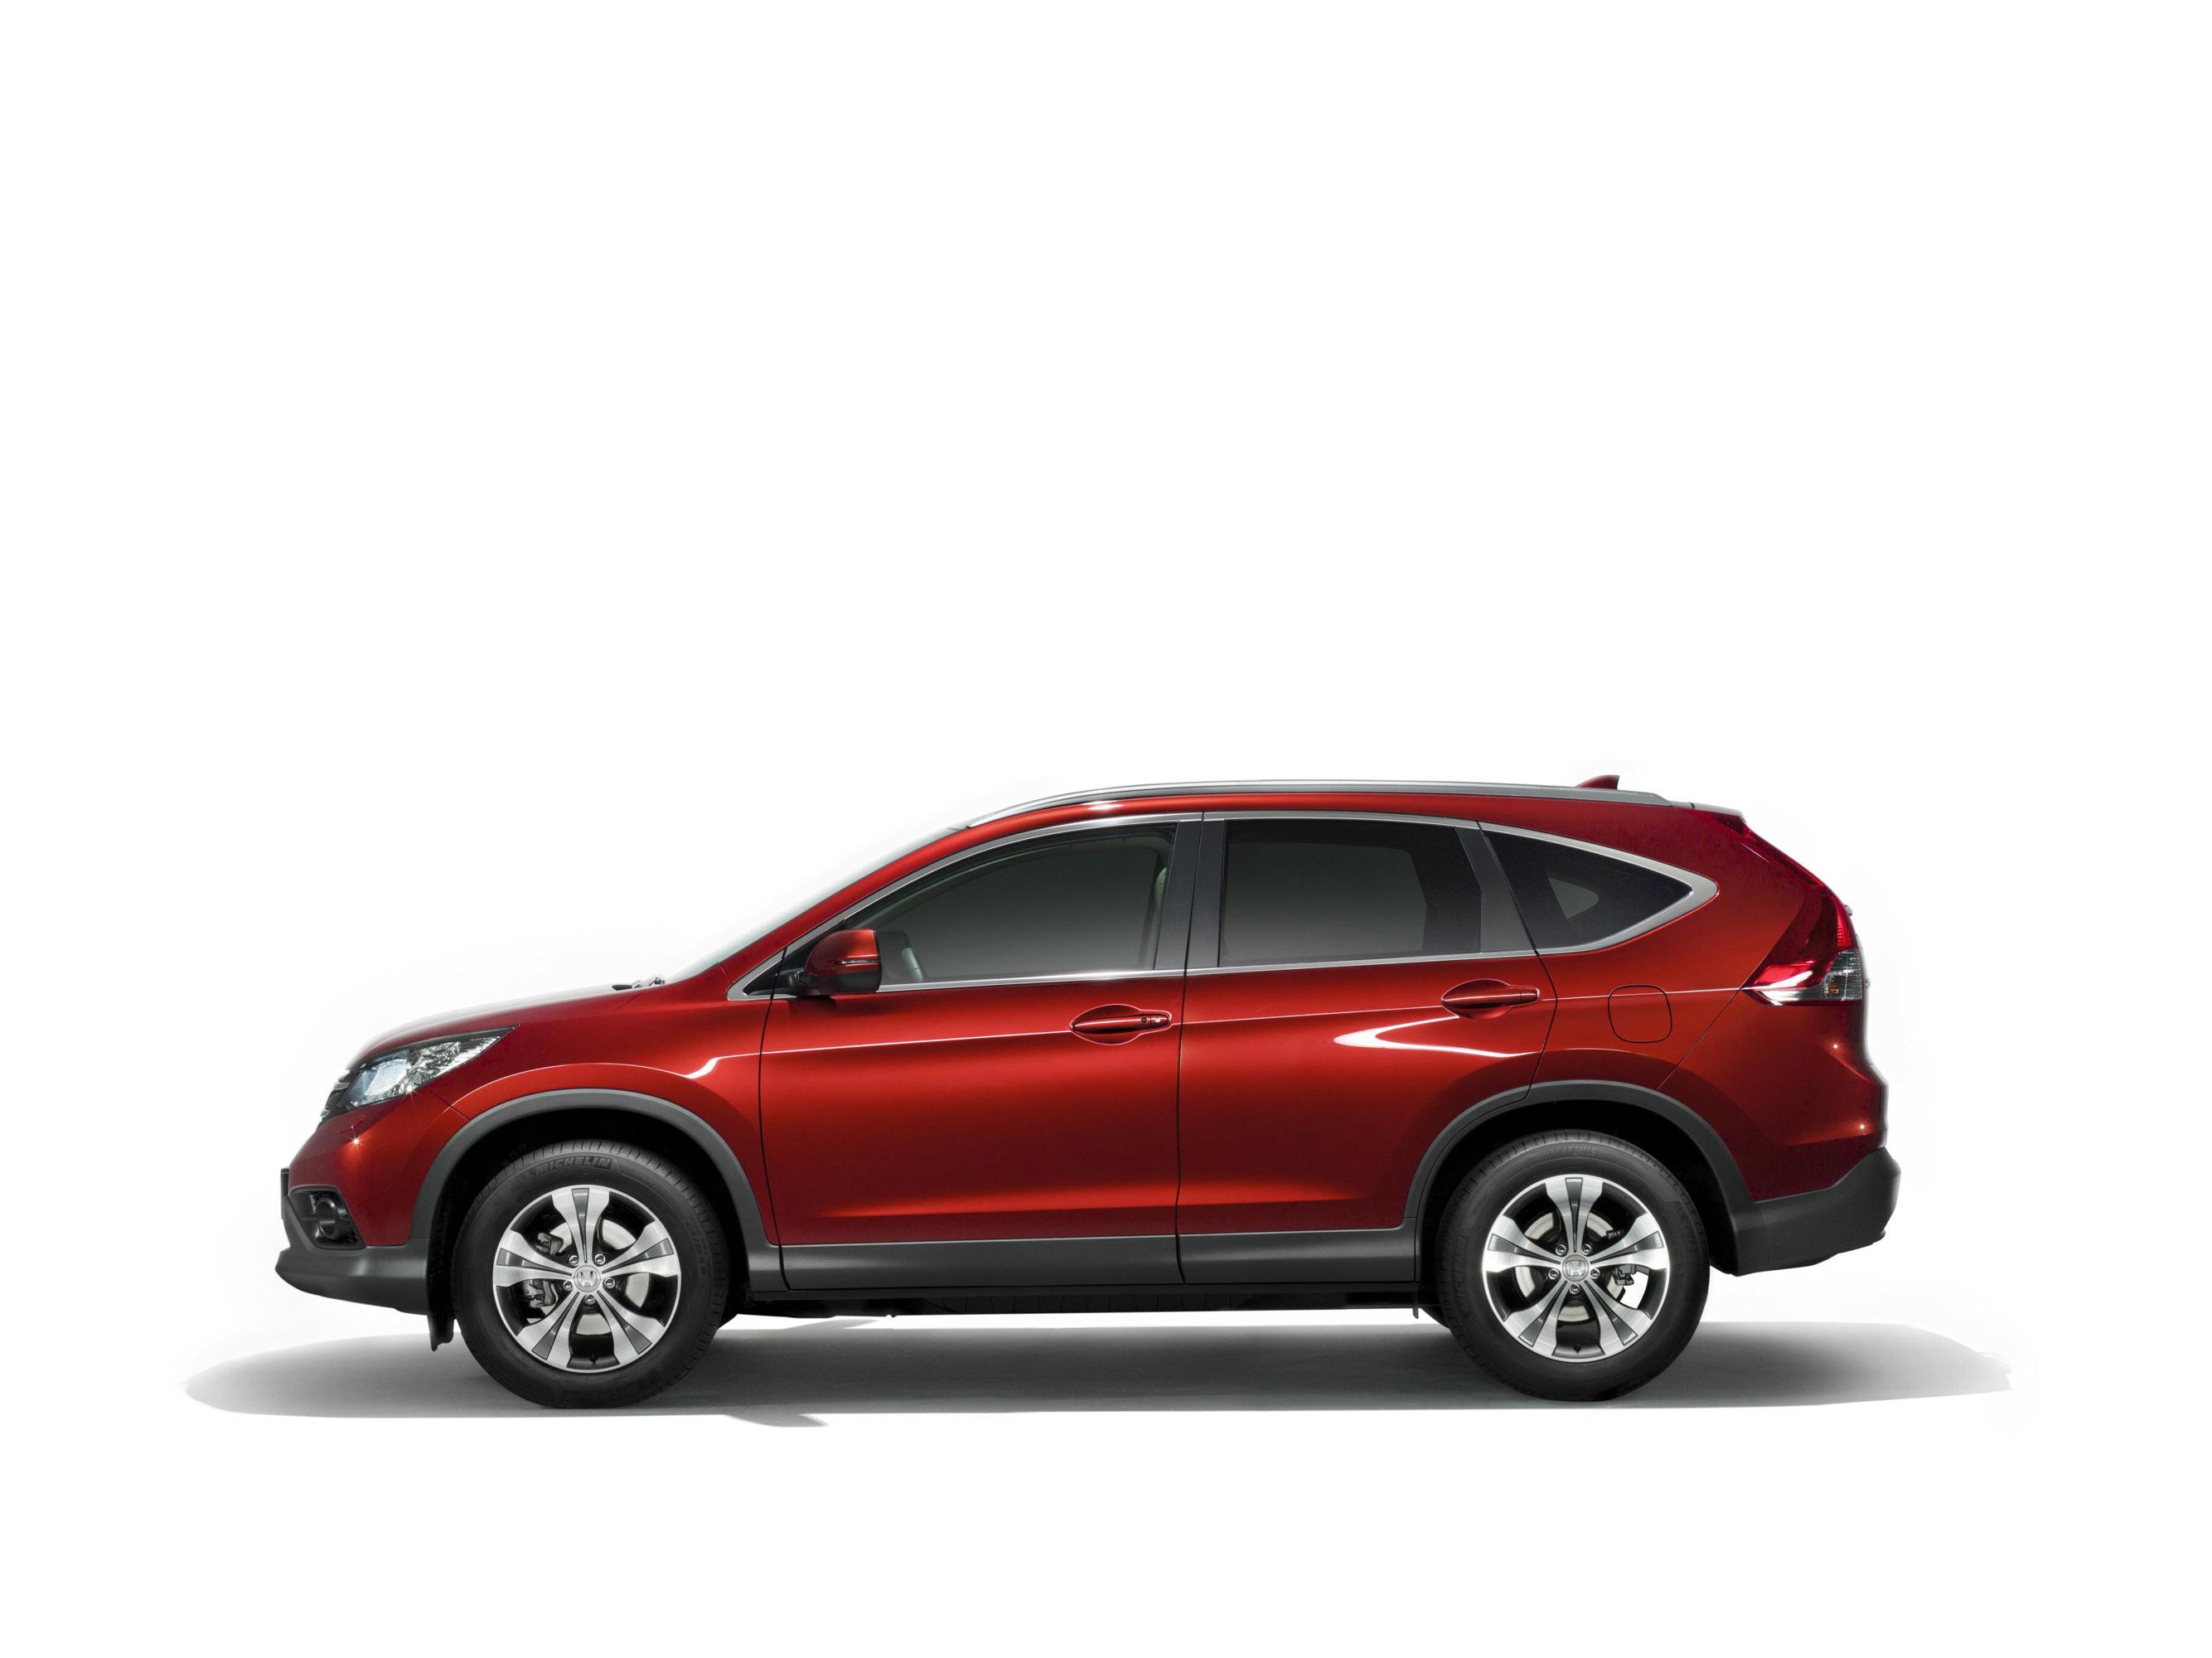 2012 Honda CR-V Facelift [VIDEO]